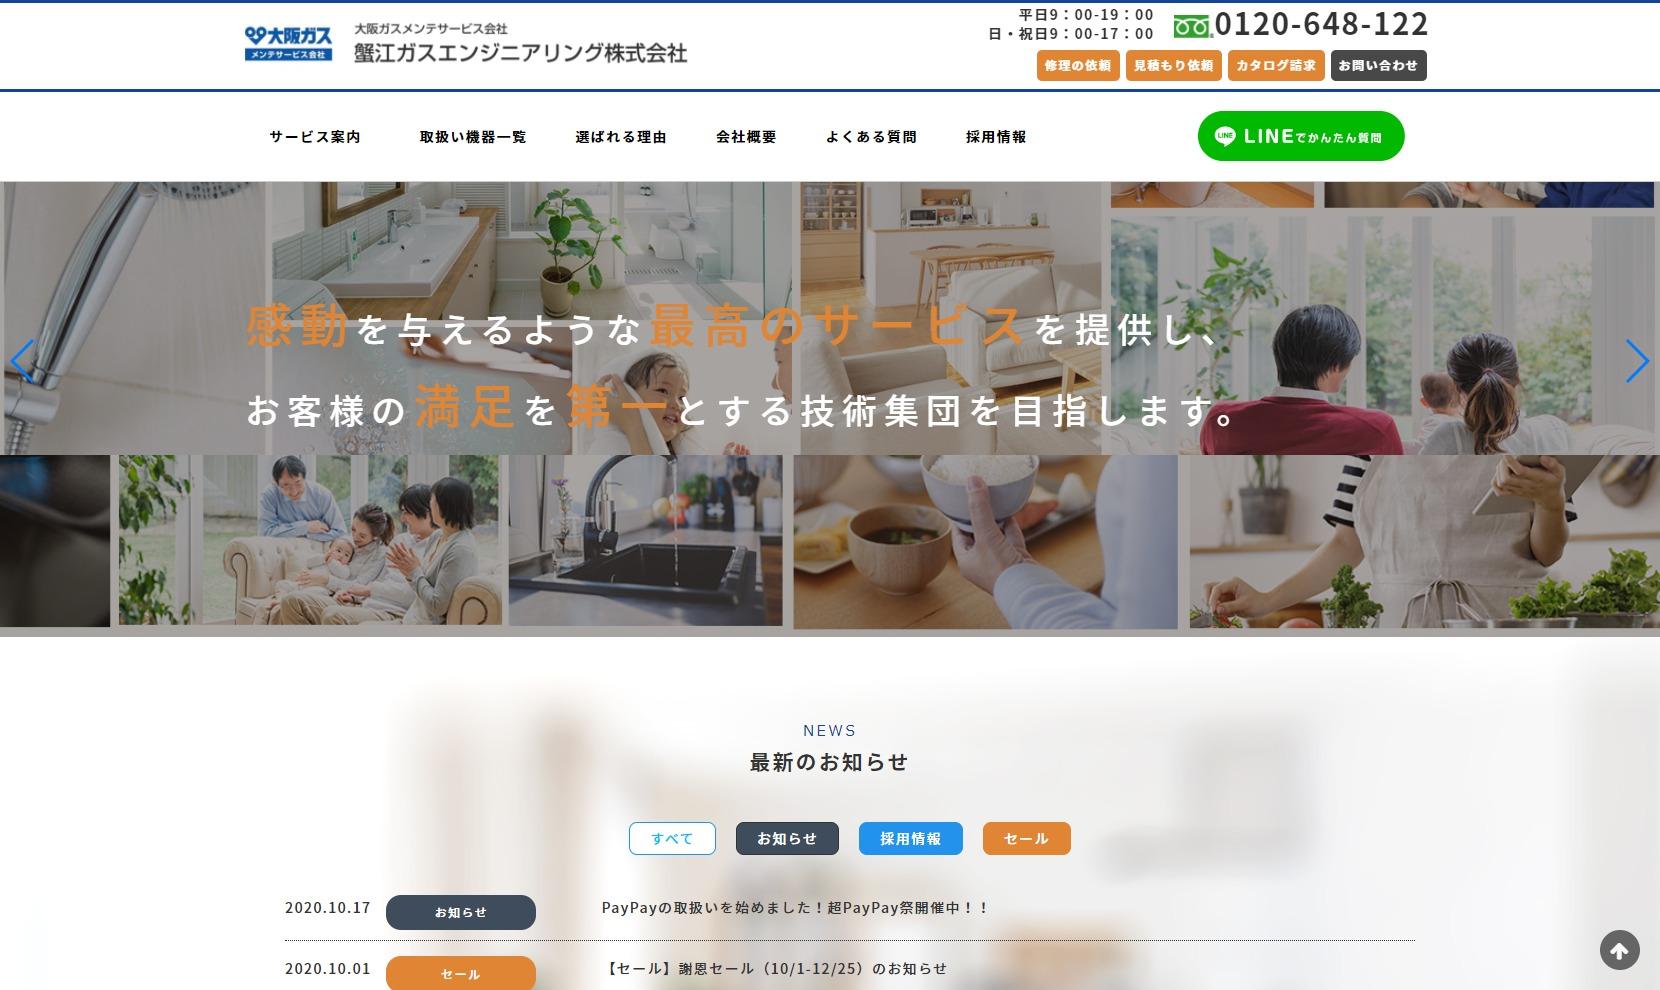 蟹江ガスエンジニアリング株式会社のホームページ